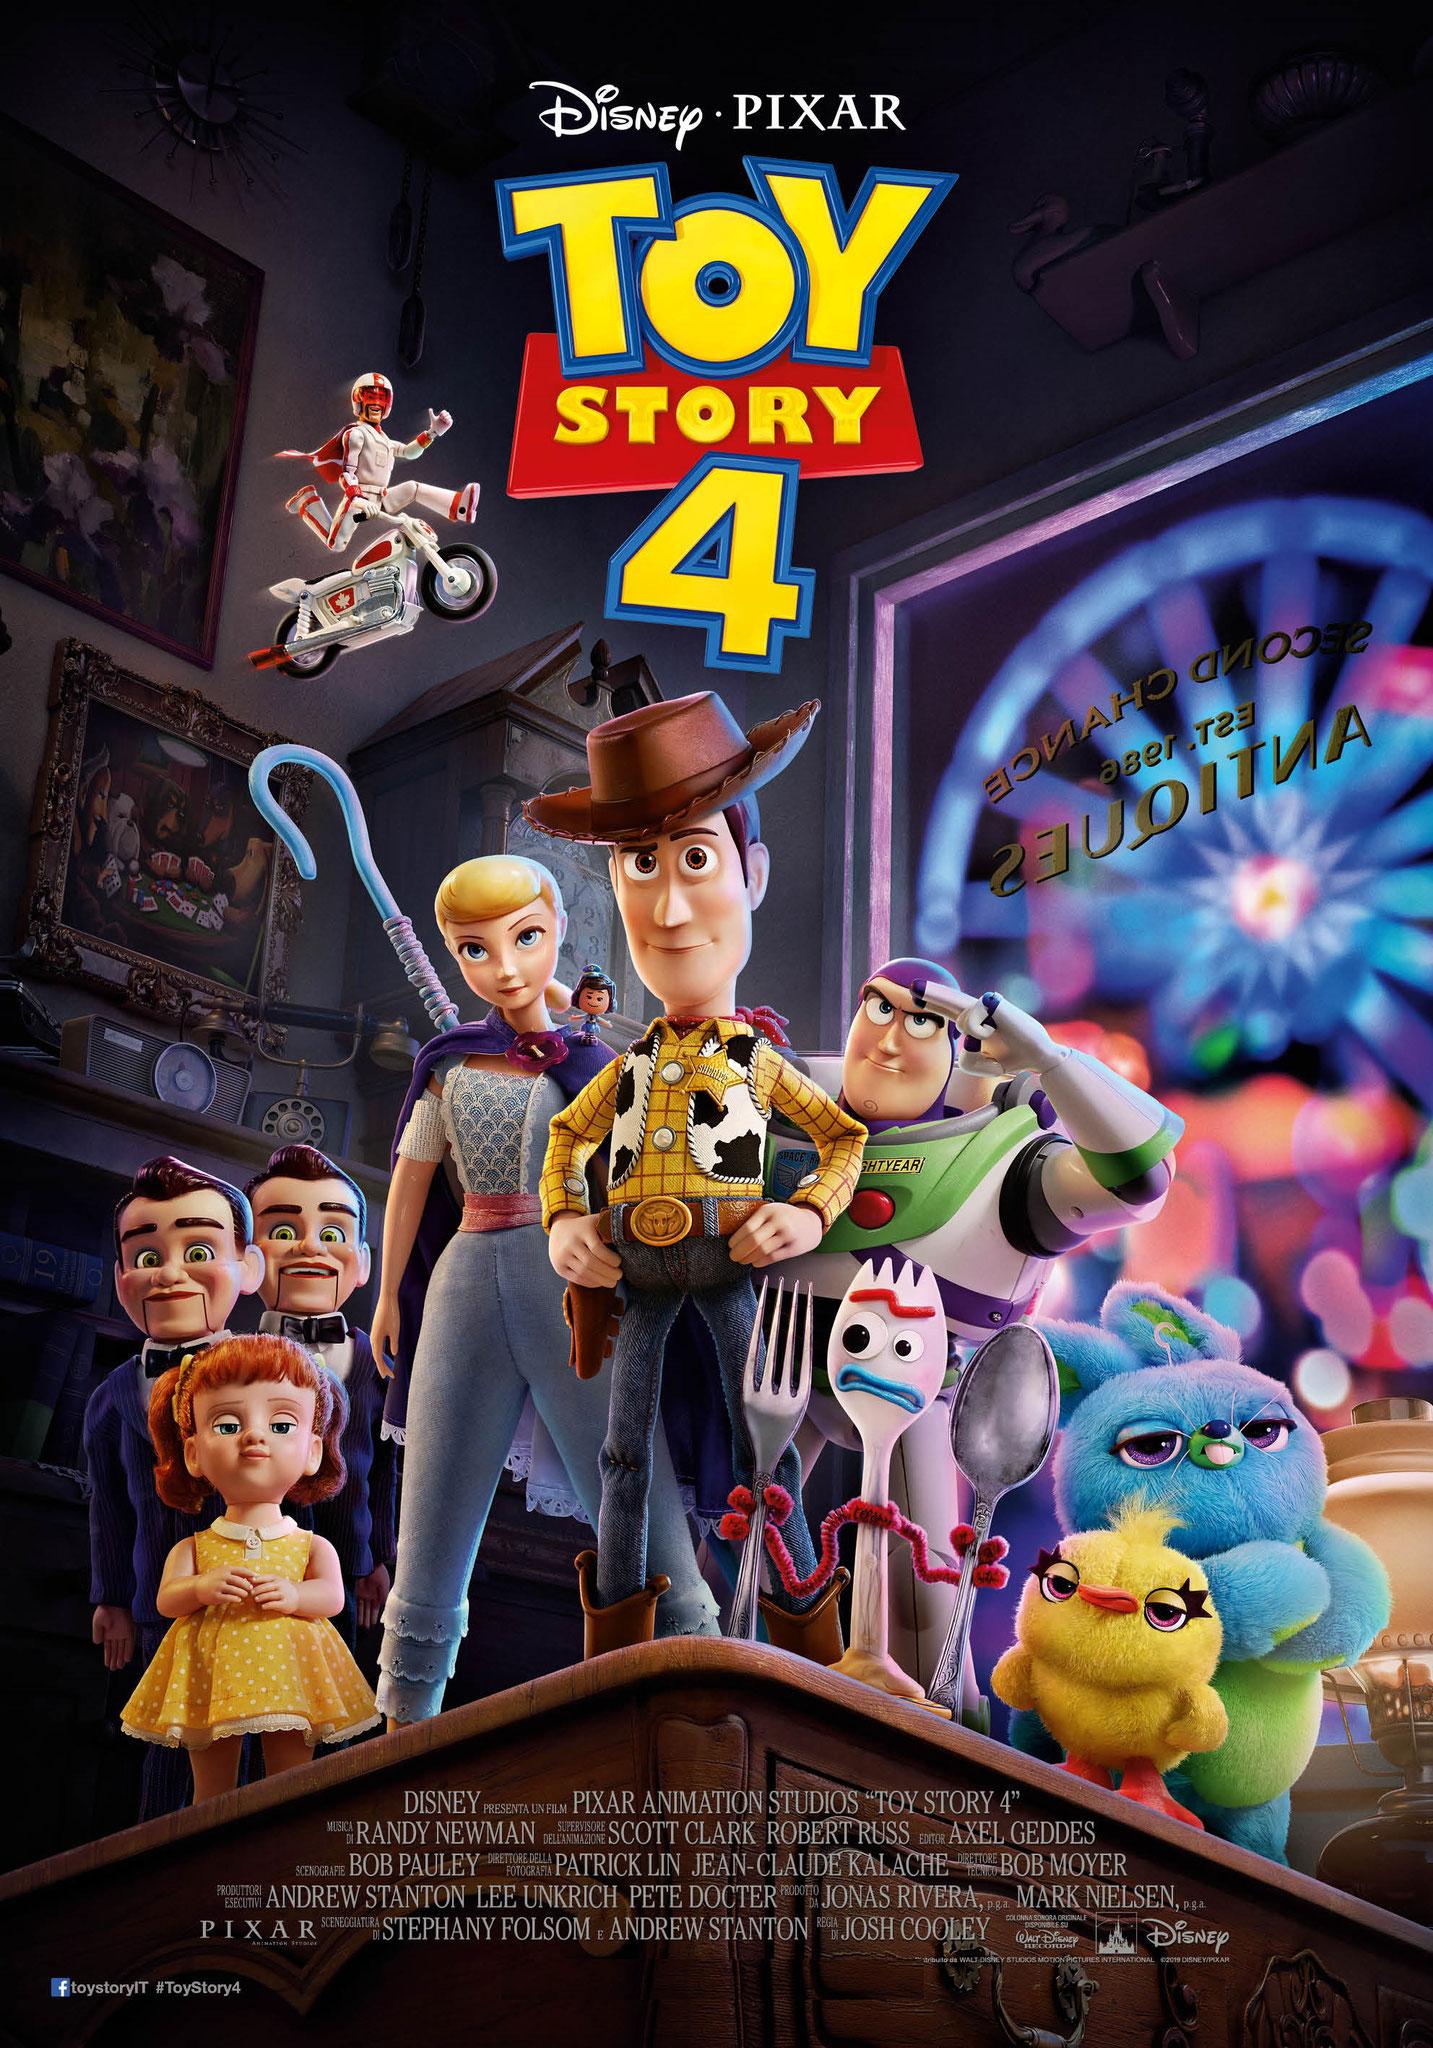 TOY STORY 4 lunedì 22, martedì 23, mercoledì 24, giovedì 25, lunedì 29, martedì 30, mercoledì 31: ore 21:15 #ToyStory4